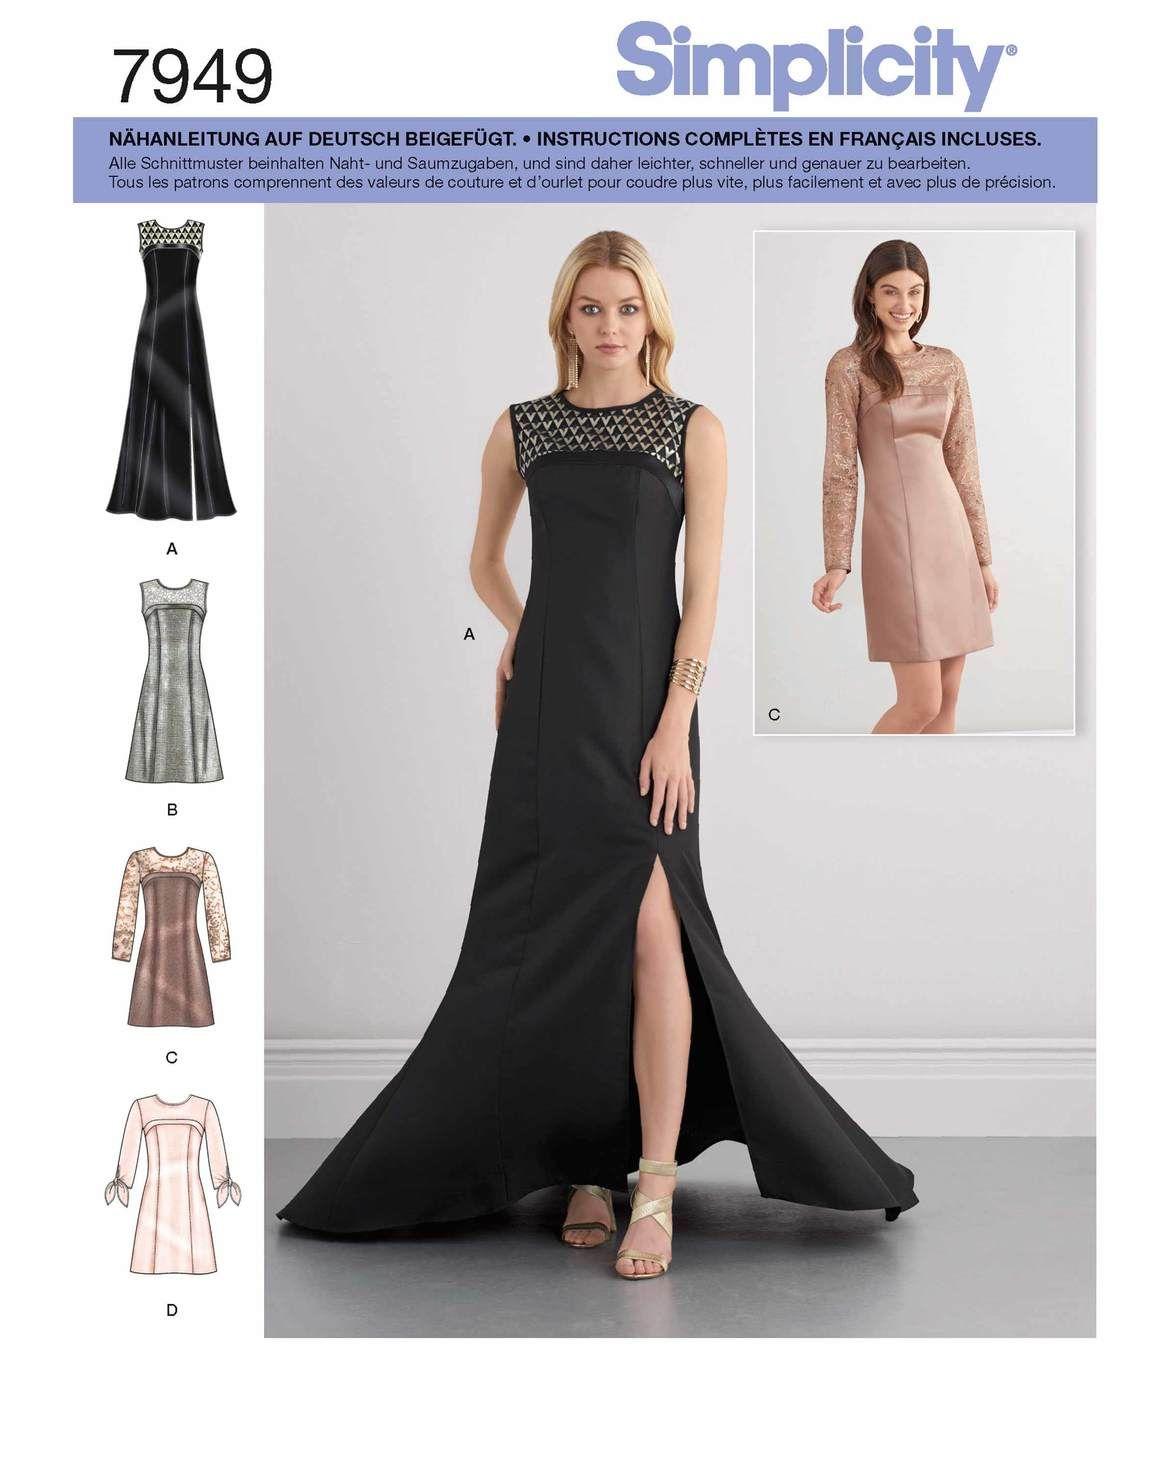 Festliche Damenkleider für besondere Anlässe in ärmellos oder